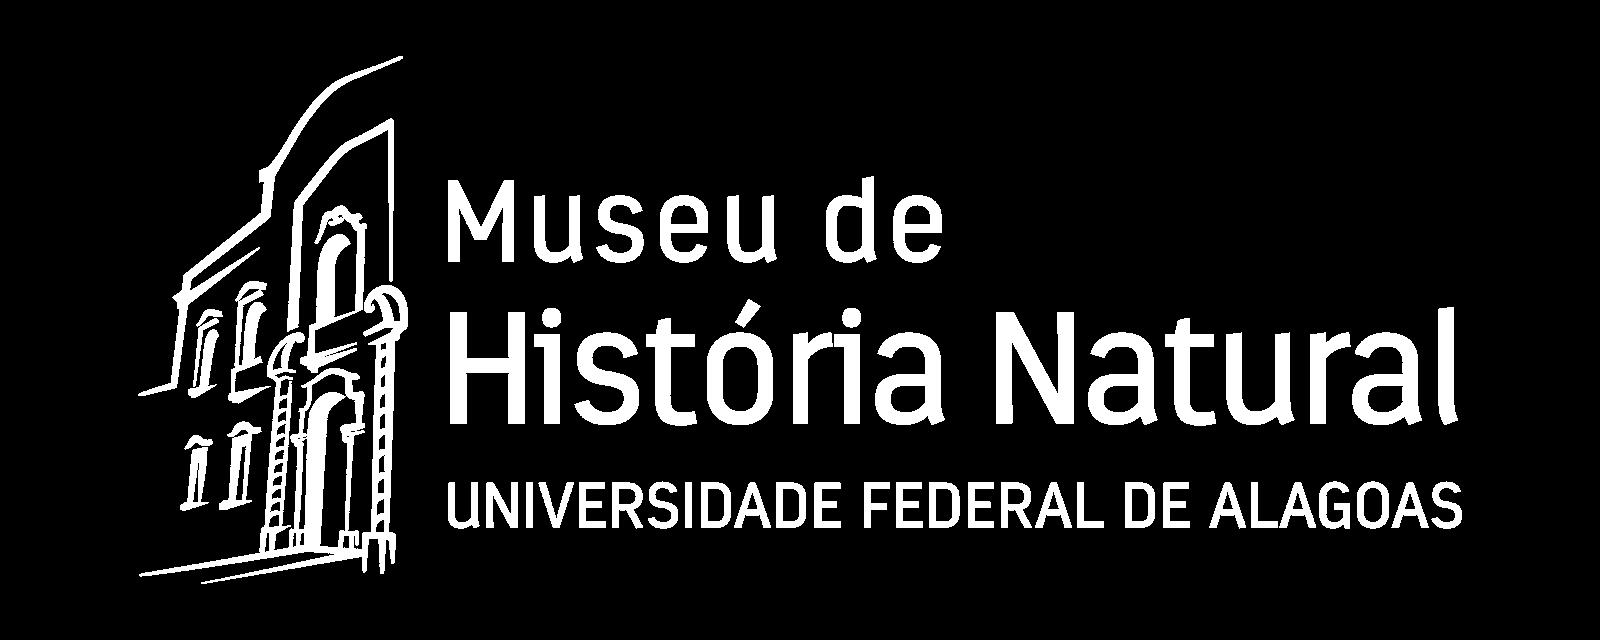 Museu de História Natural - Ufal